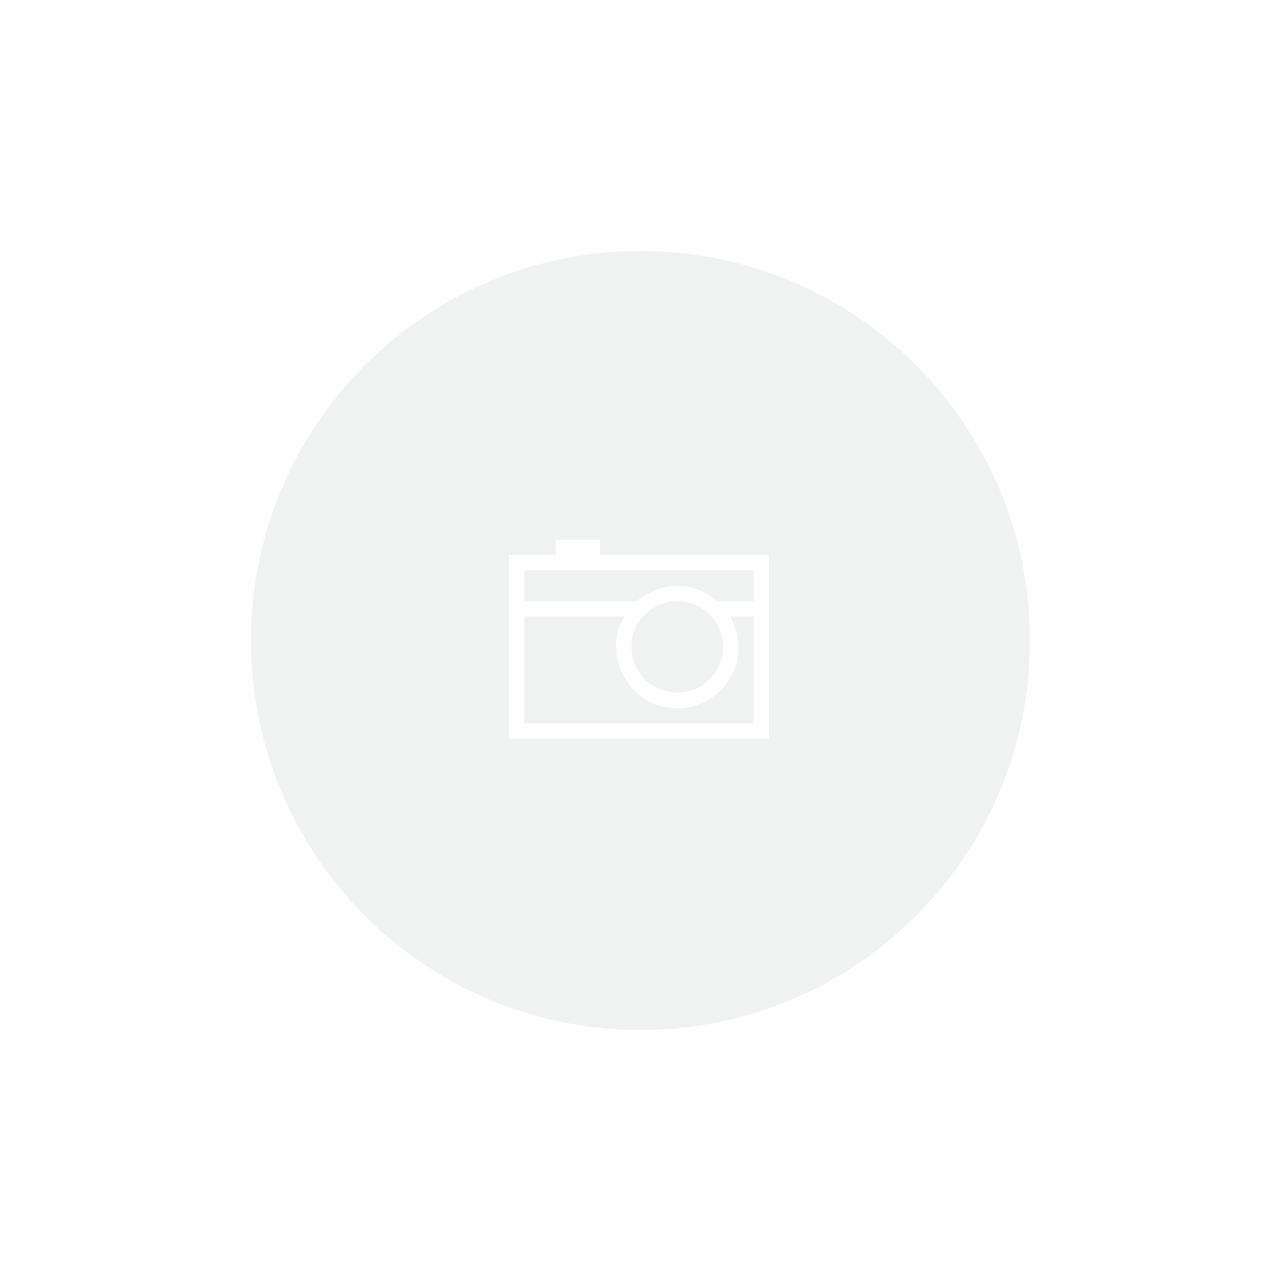 Panelinha redonda Laranja c/ Poá